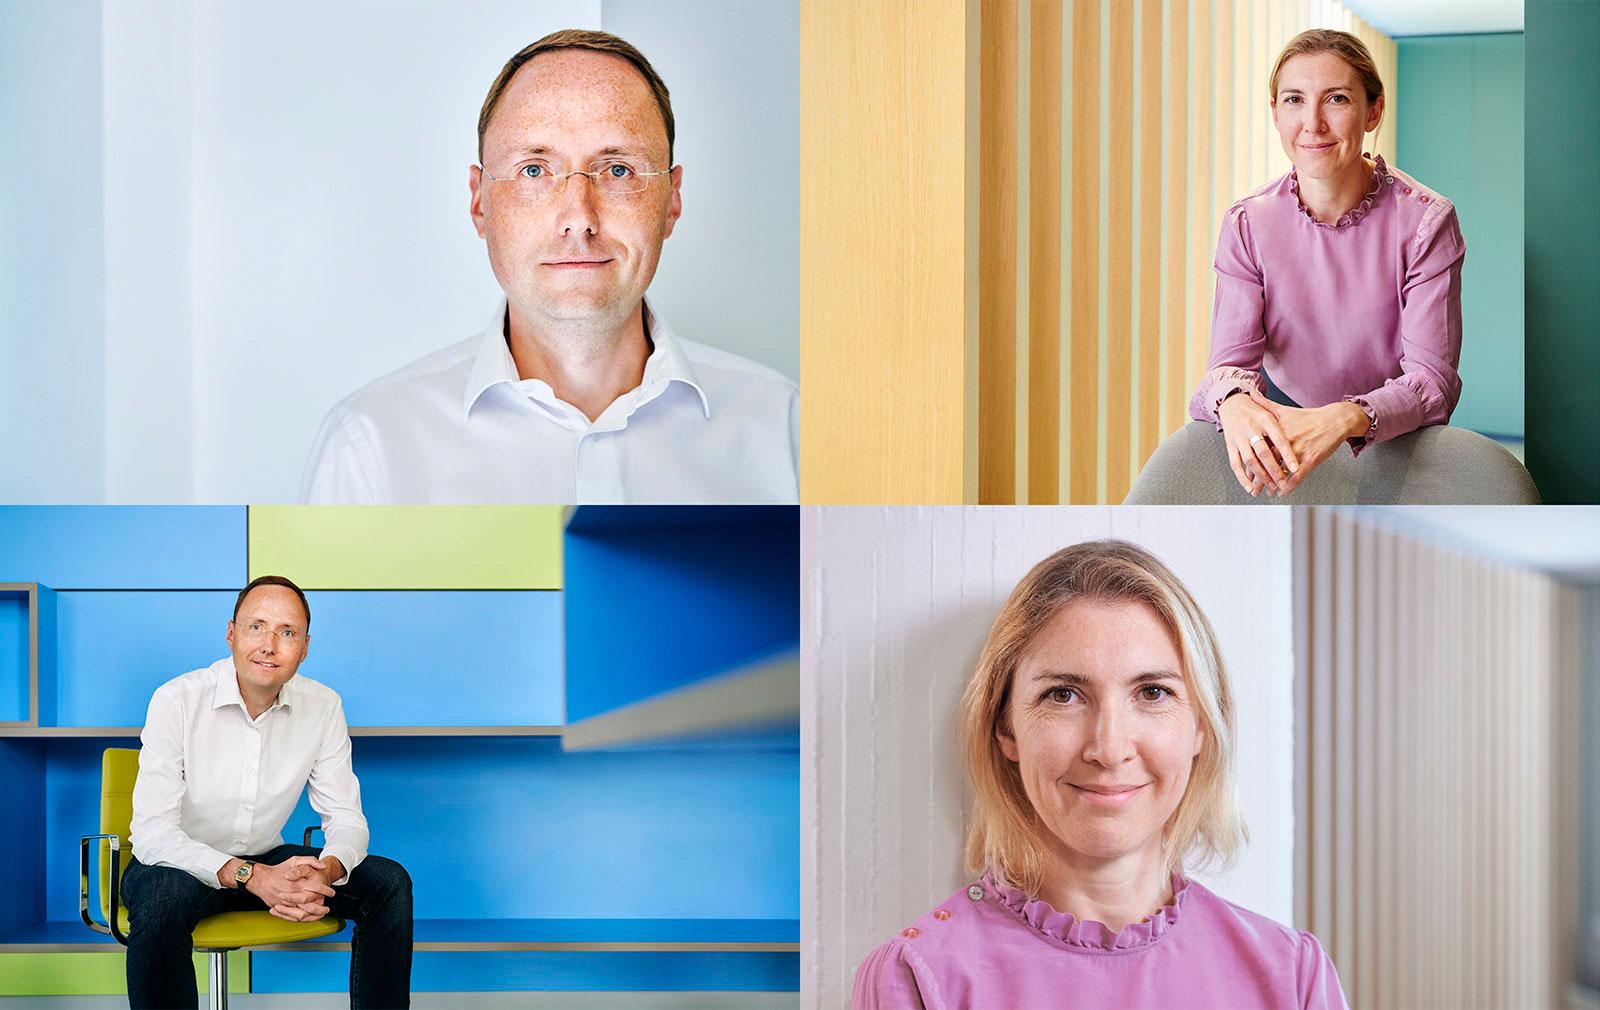 Fototermin | Portraits mit Wissenschaftlern der Bayer AG, für e